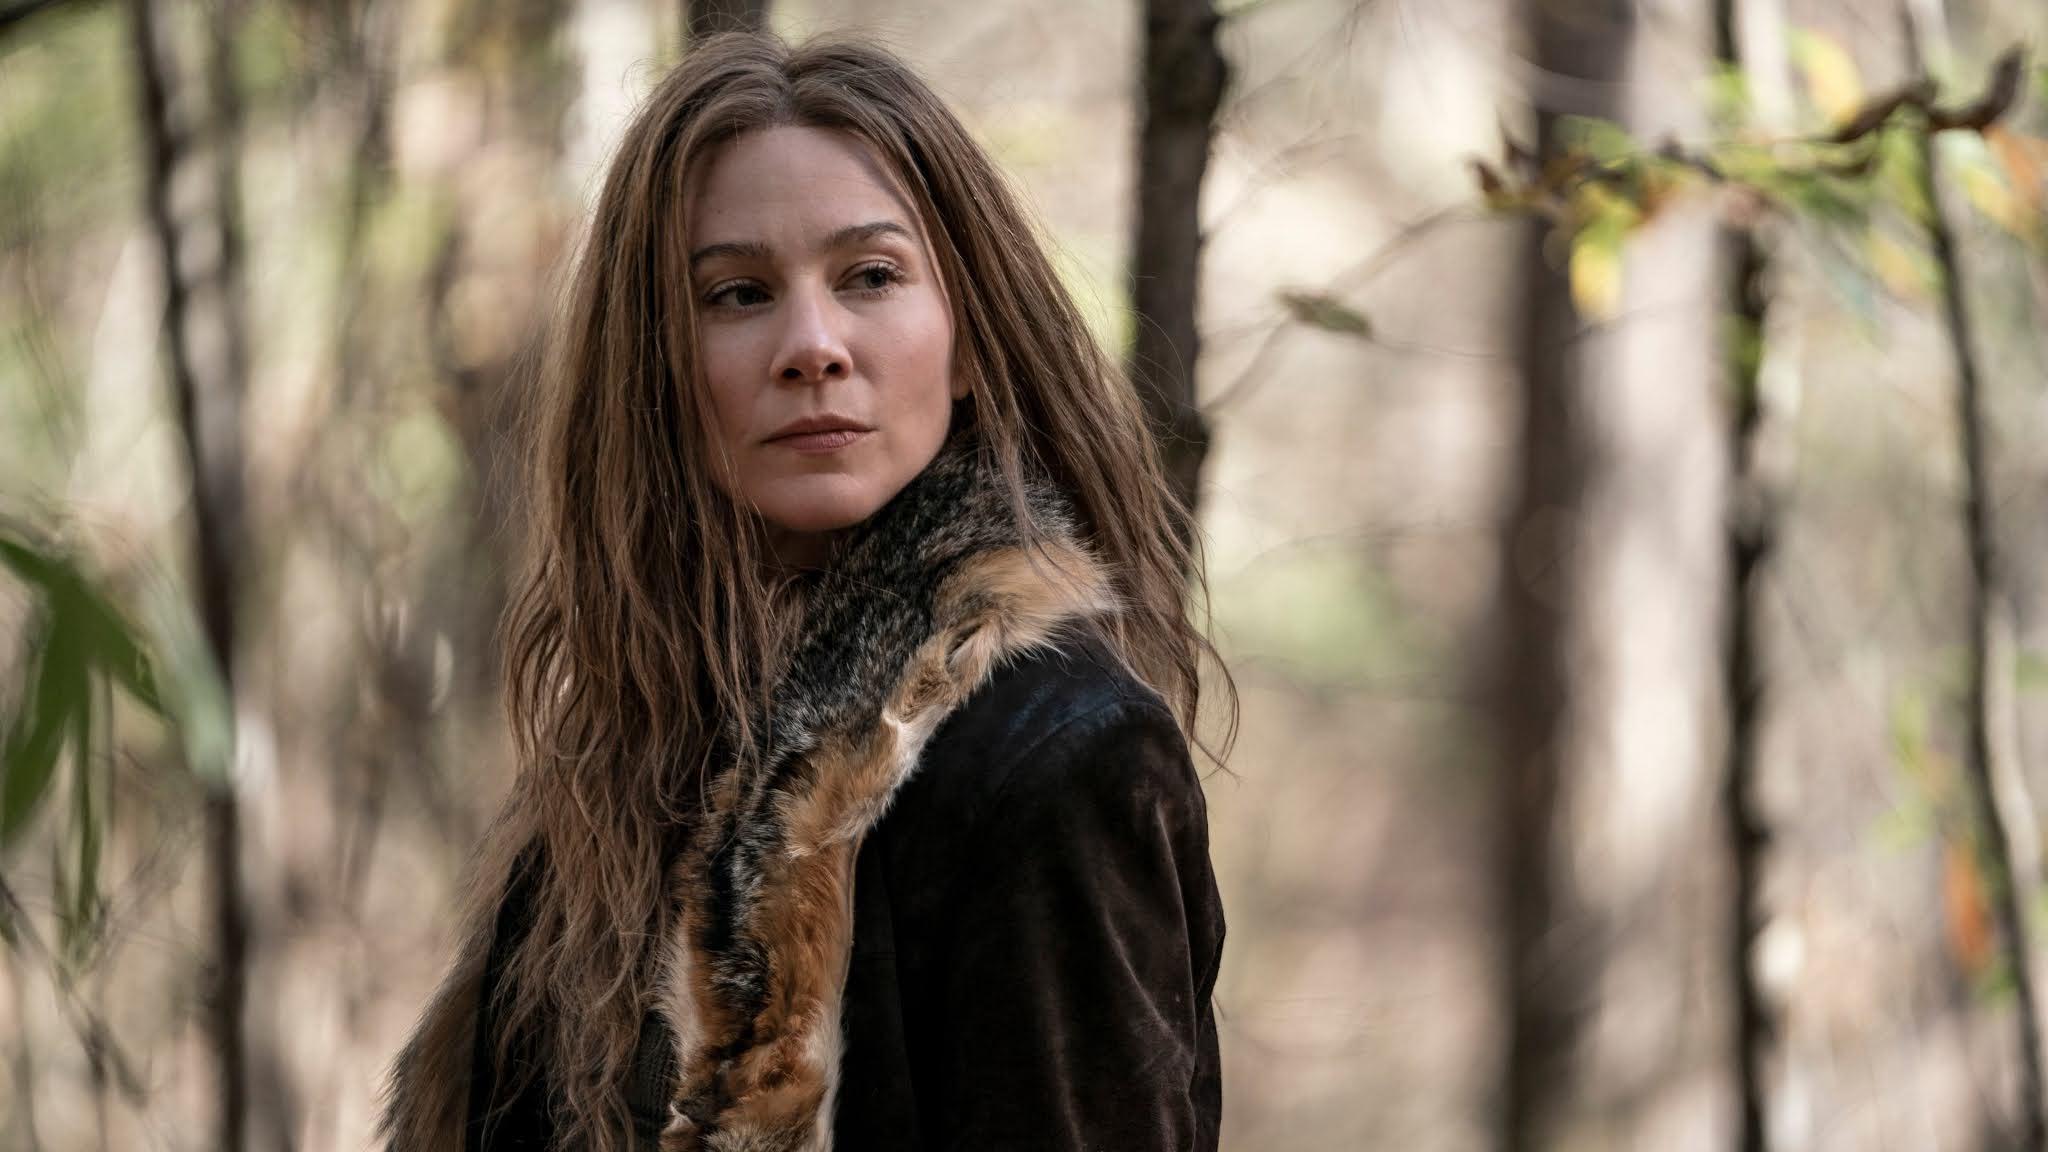 Leah conoce a Daryl en The Walking Dead